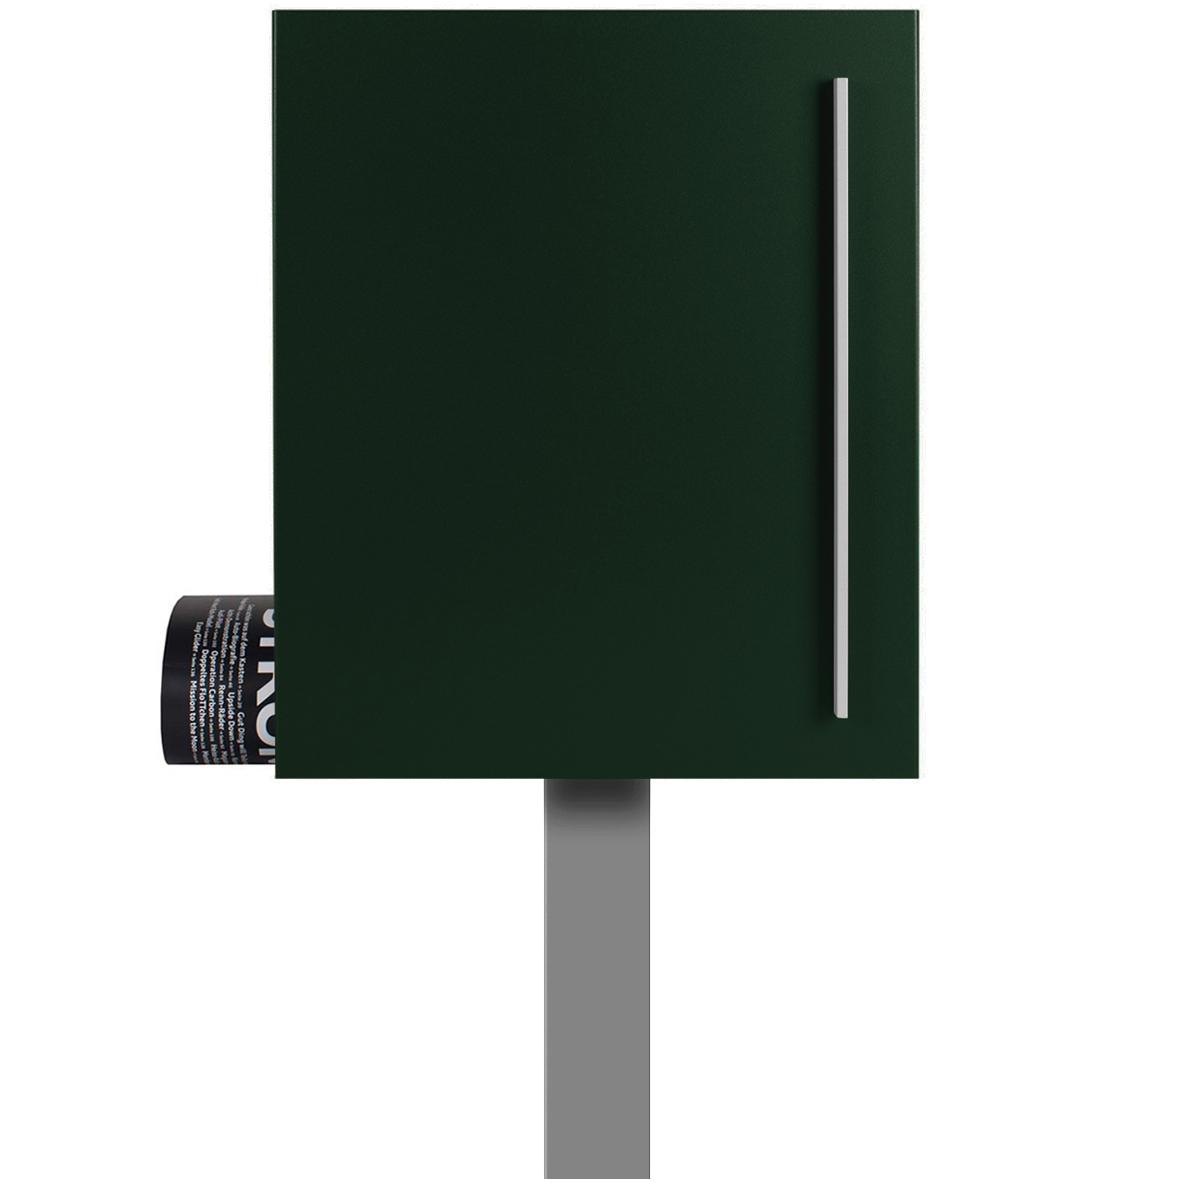 standbriefkasten mit zeitungsfach tannen gr n ral 6009. Black Bedroom Furniture Sets. Home Design Ideas